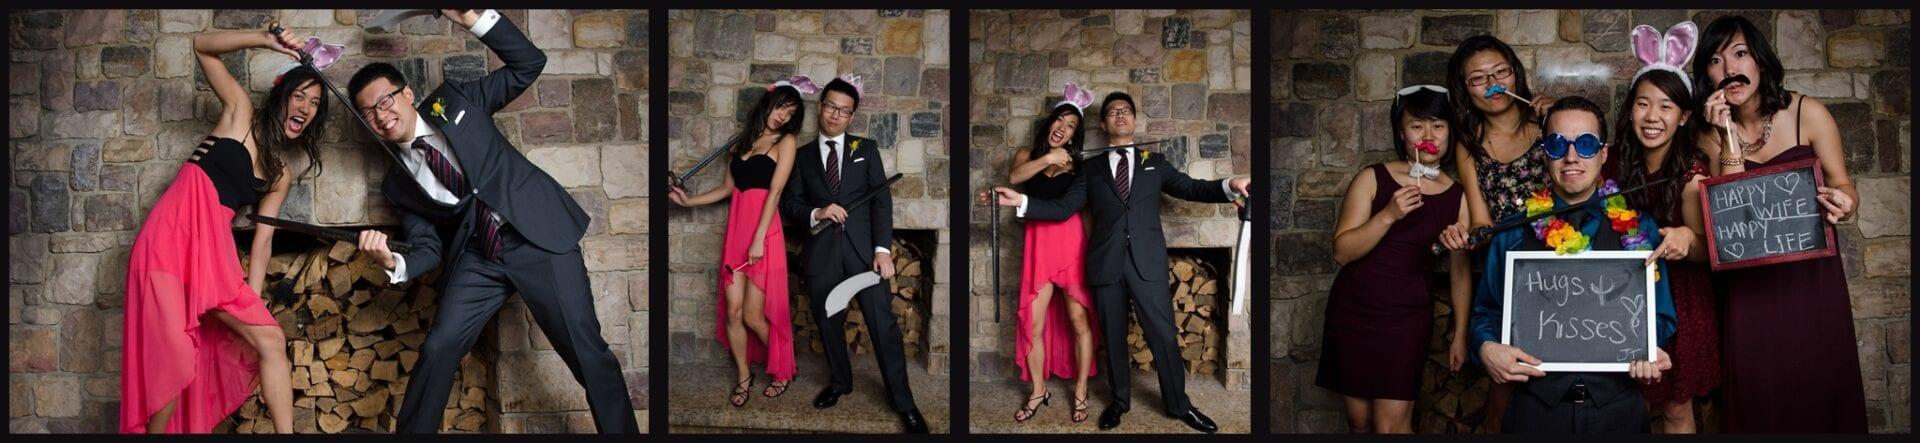 Edmonton-Wedding-photo-booth-Photography-139